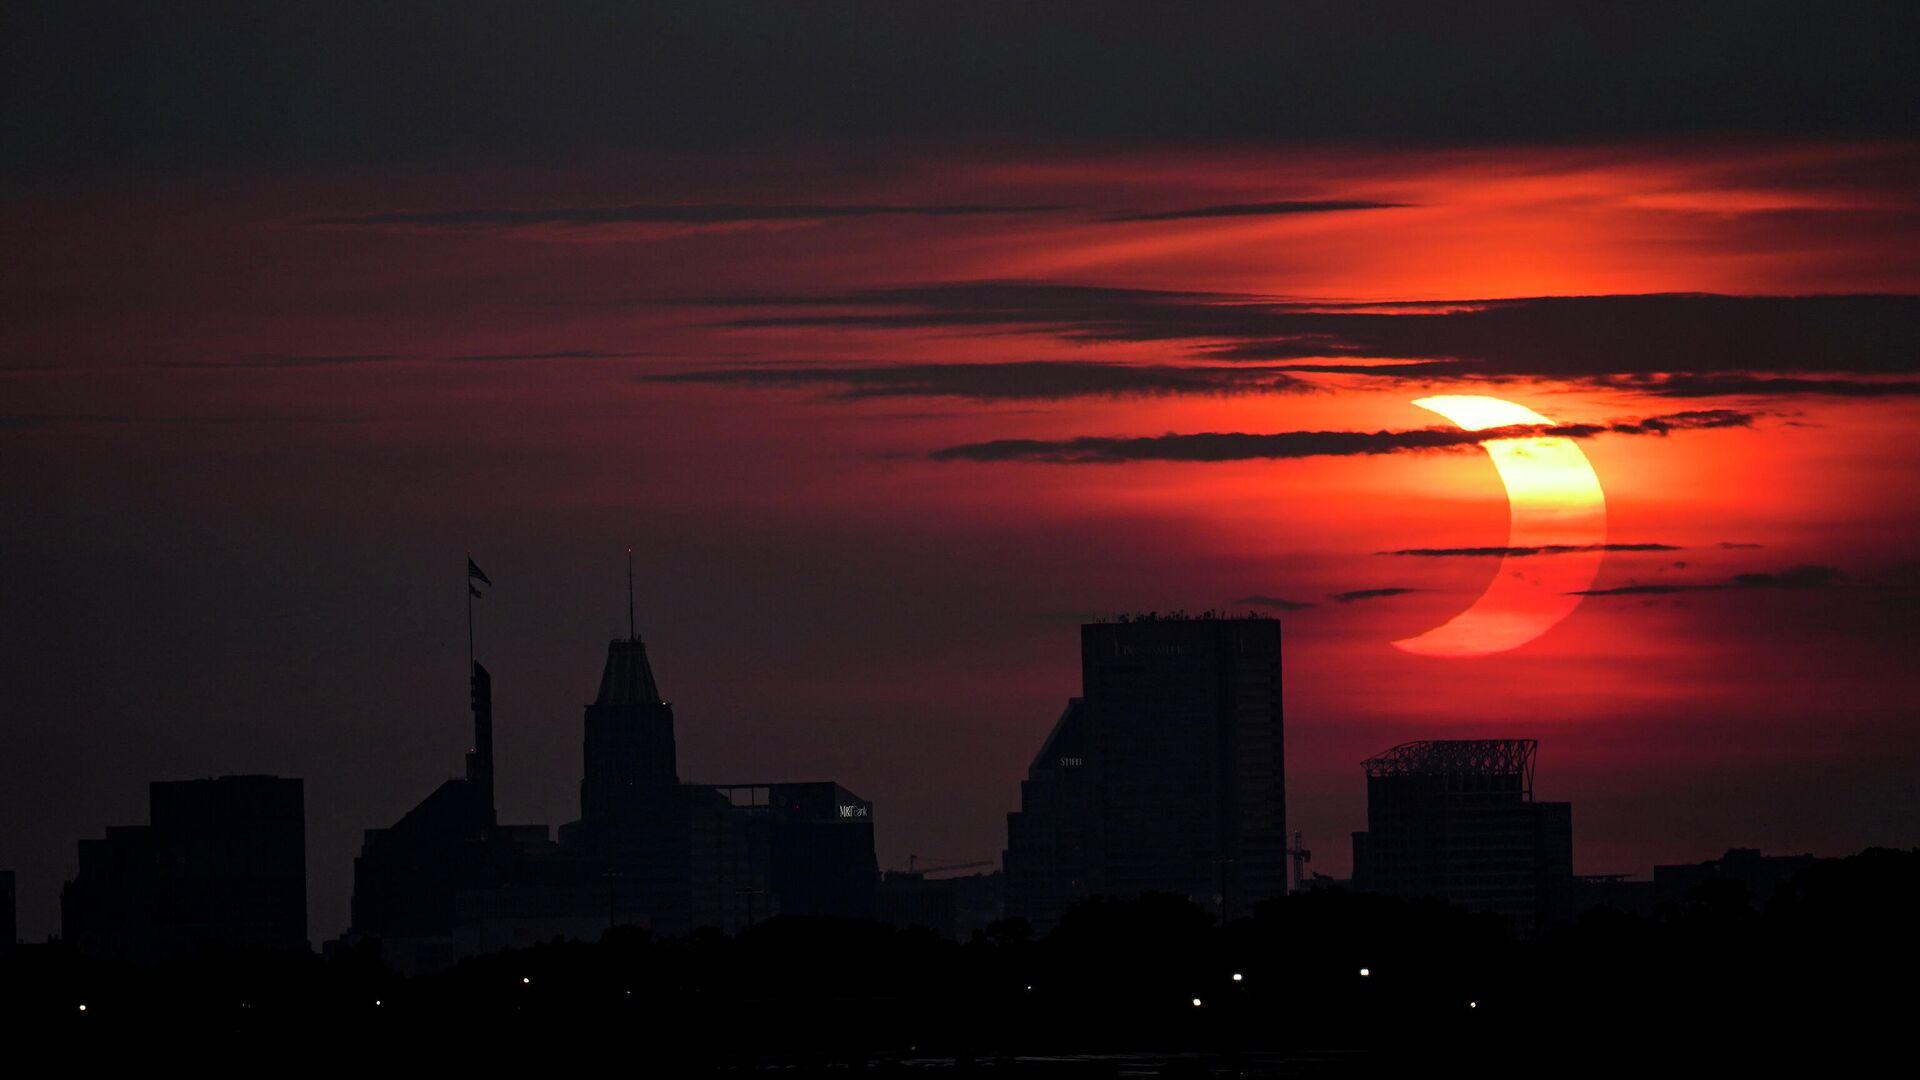 El primer eclipse solar del año visto desde Baltimore, EEUU, el 10 de junio, 2020 - Sputnik Mundo, 1920, 10.06.2021